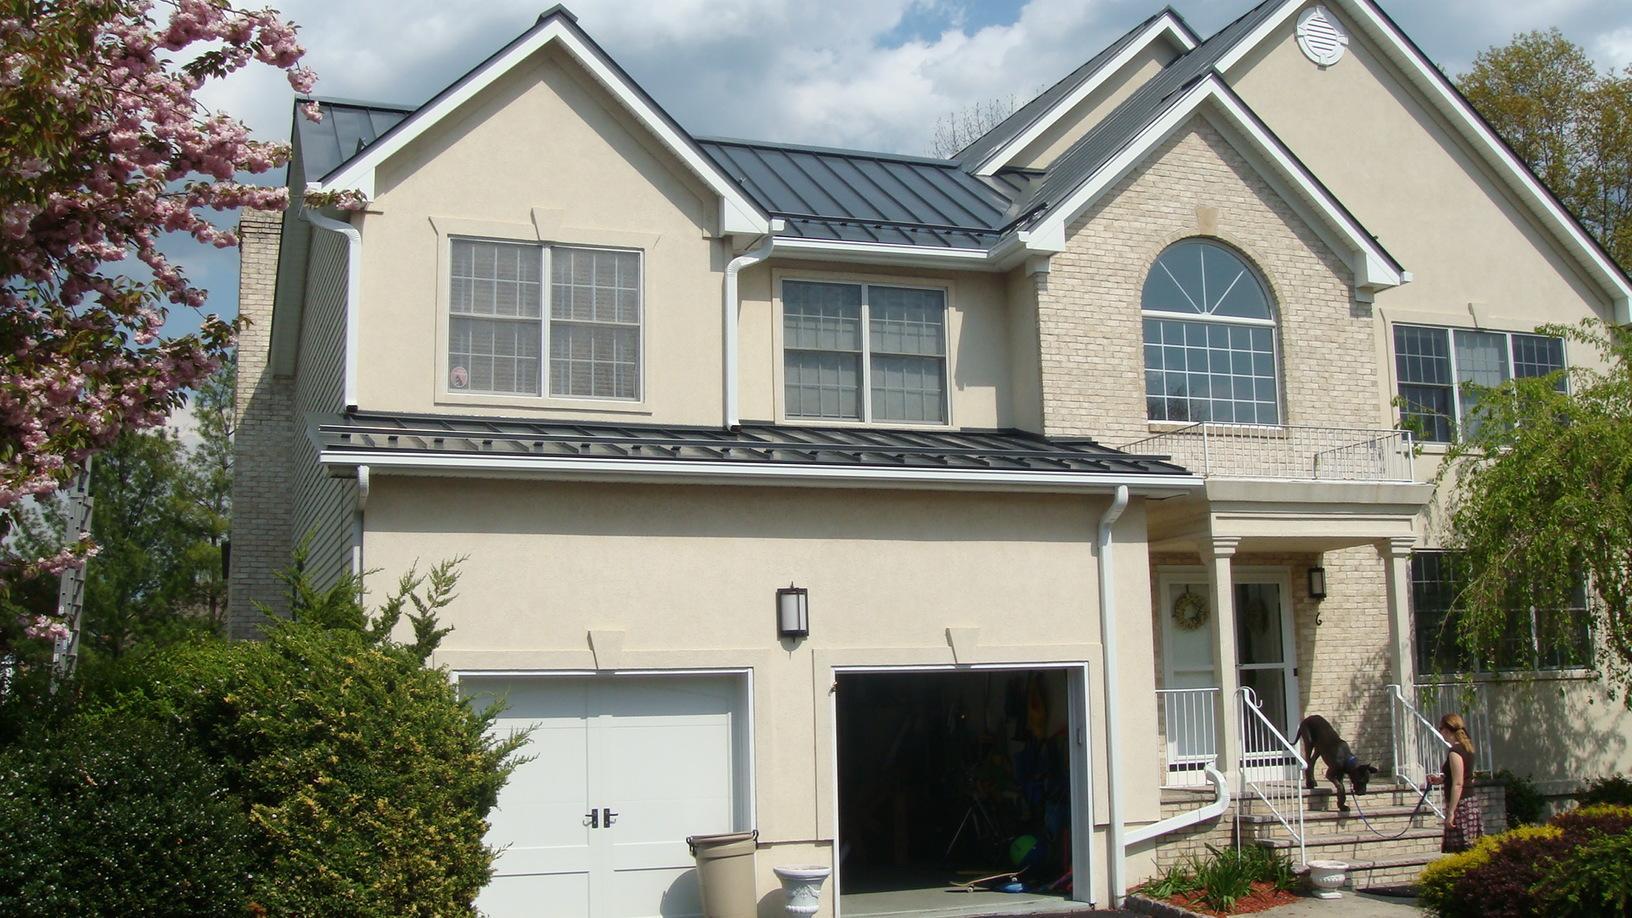 Standing Seam Metal Roof Replacement in Warren, NJ